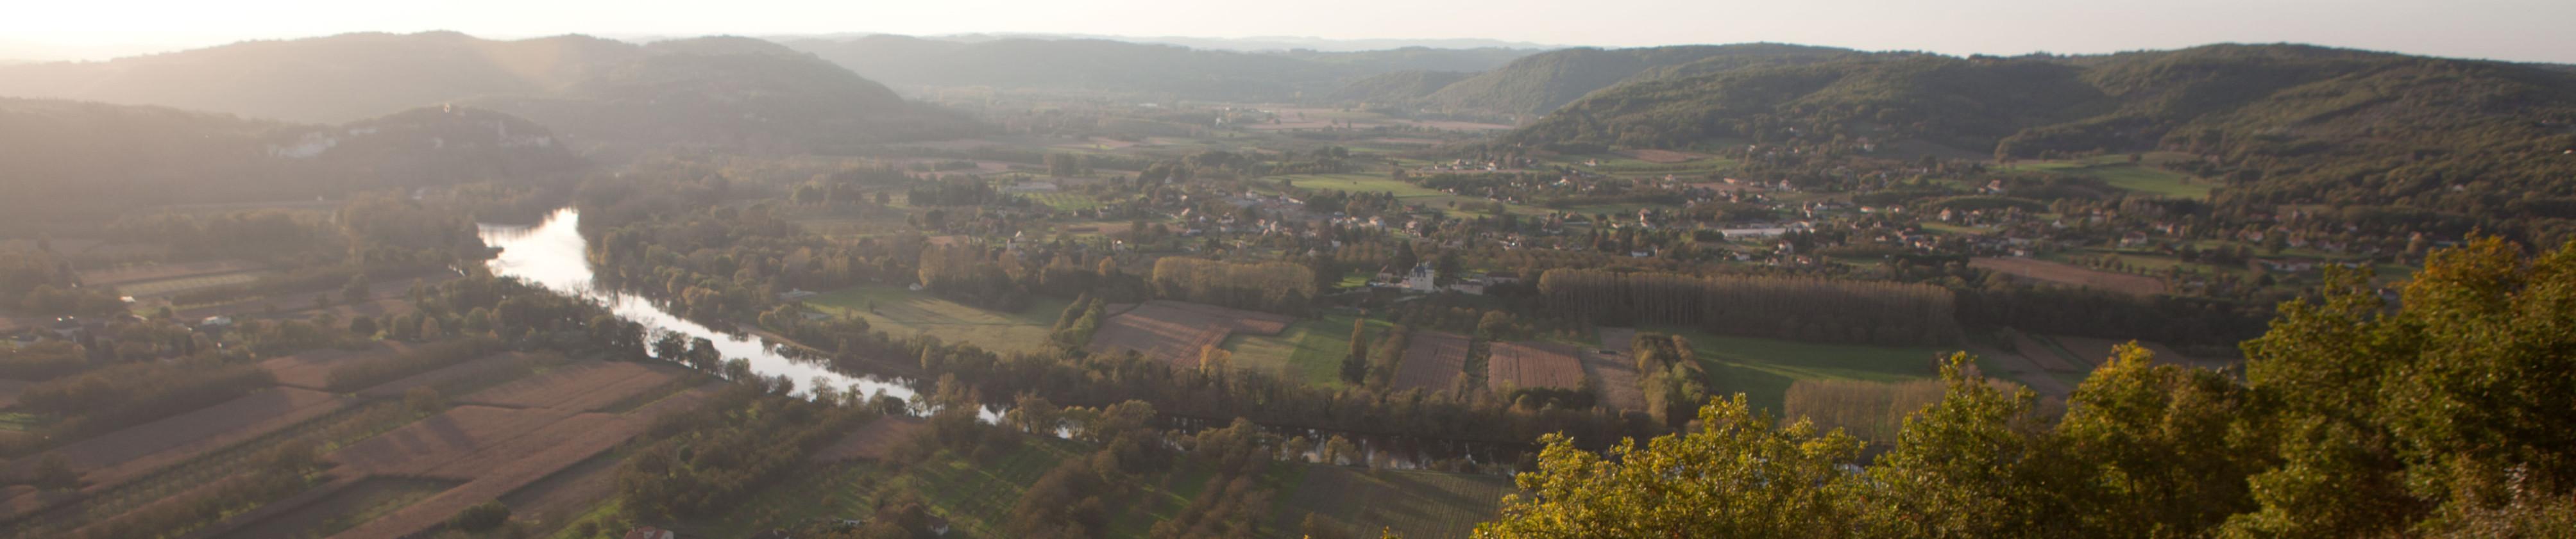 panorama_dordogne-e1440605016396